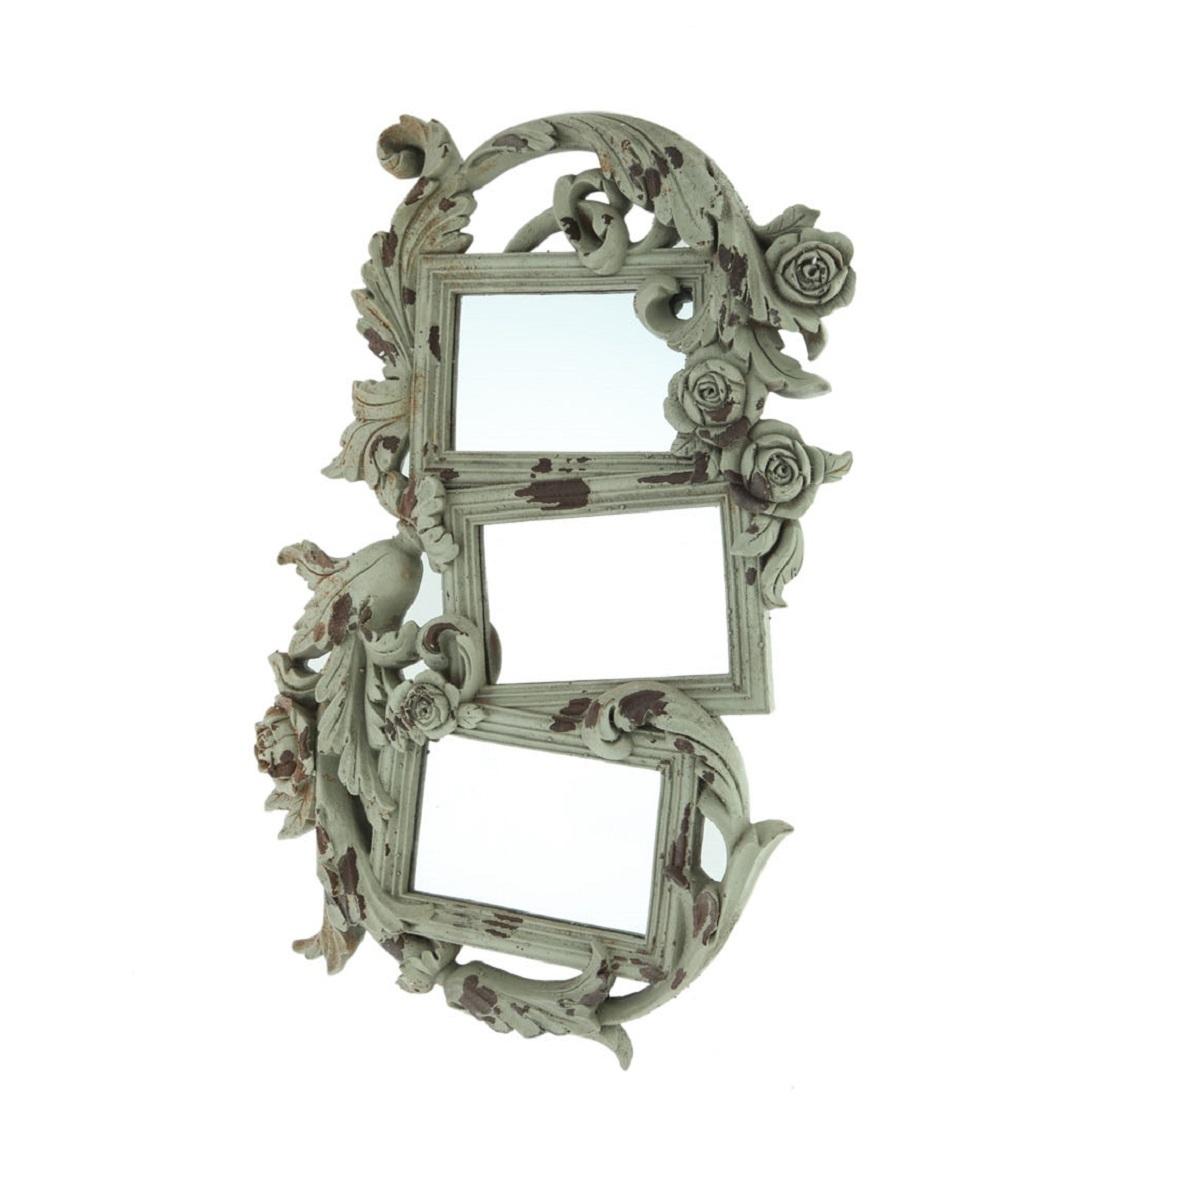 Зеркала Зеркало декоративное Decor тройное 78082AL zerkalo-dekorativnoe-decor-troynoe-78082al-kitay.jpg